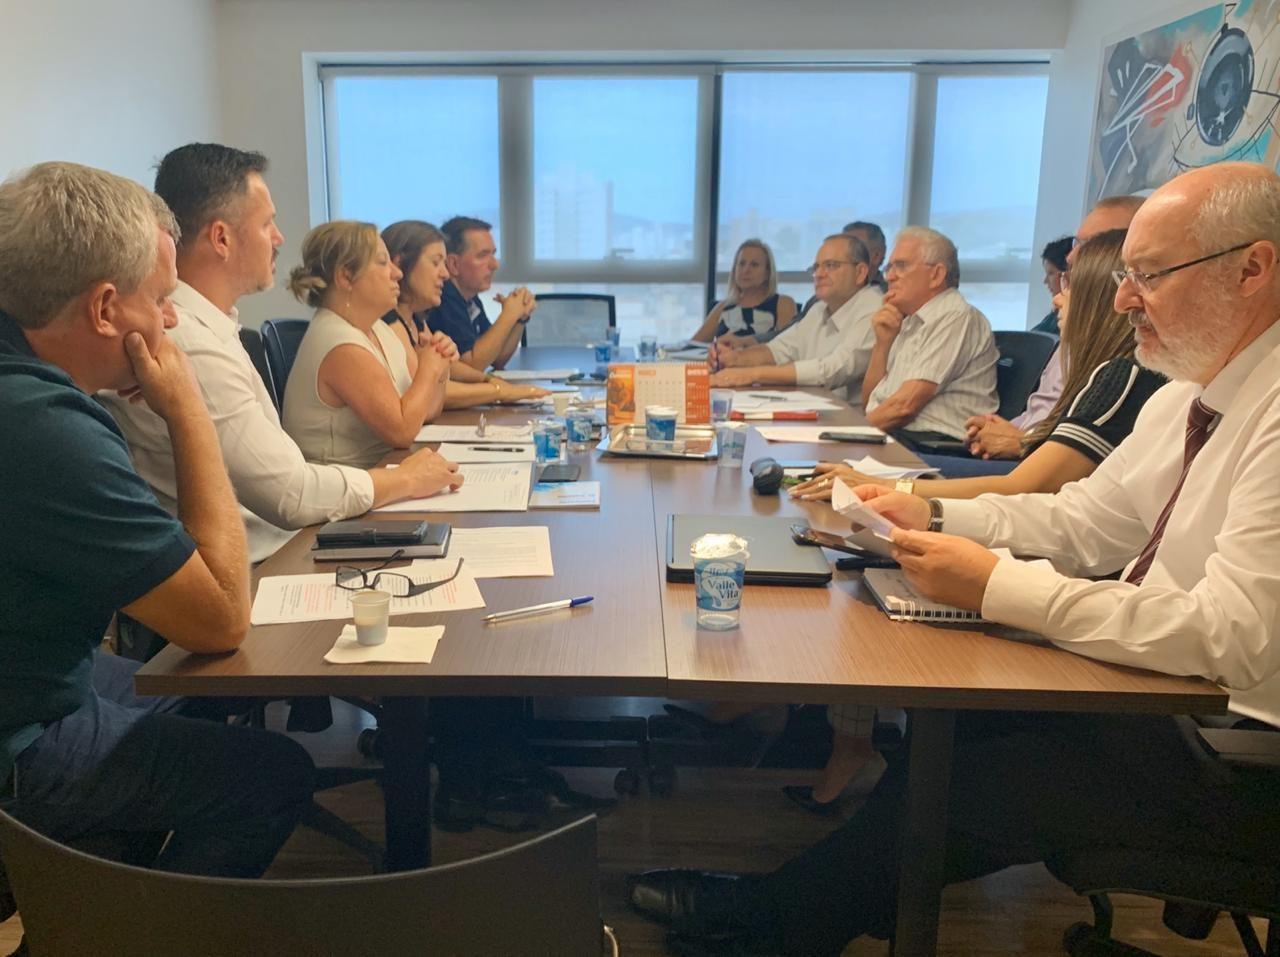 Primeira rodada de negociação entre representantes do Sinpro/RS e o Sindicato Patronal (Sinepe/RS), ocorrida em março.